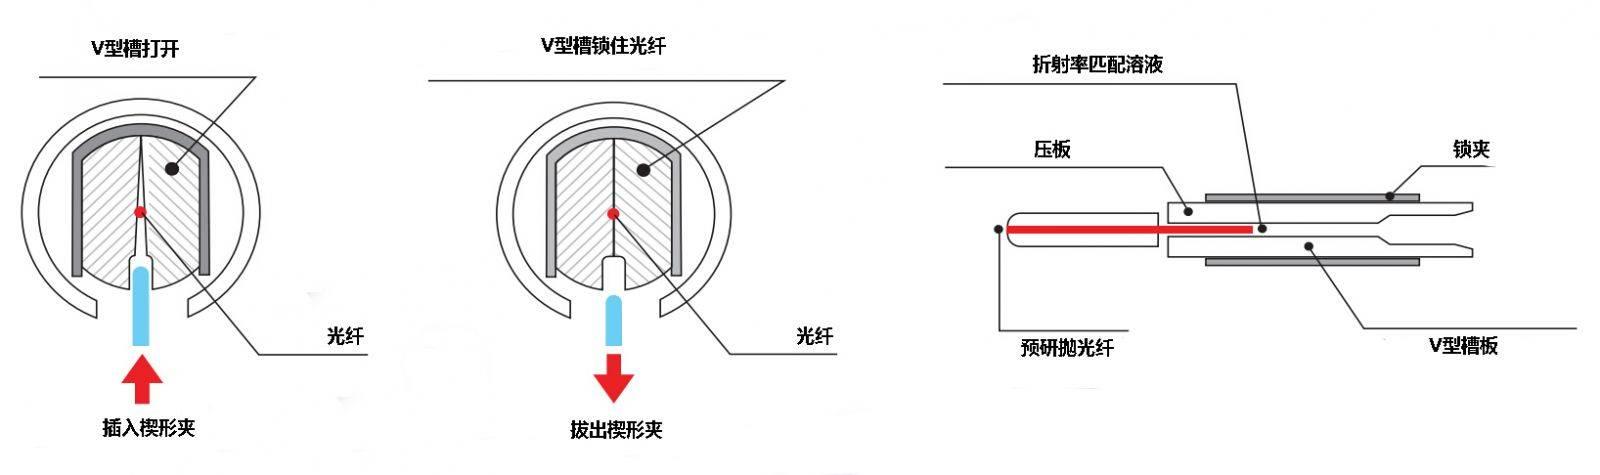 光纤快速连接器/冷接子的内部结构